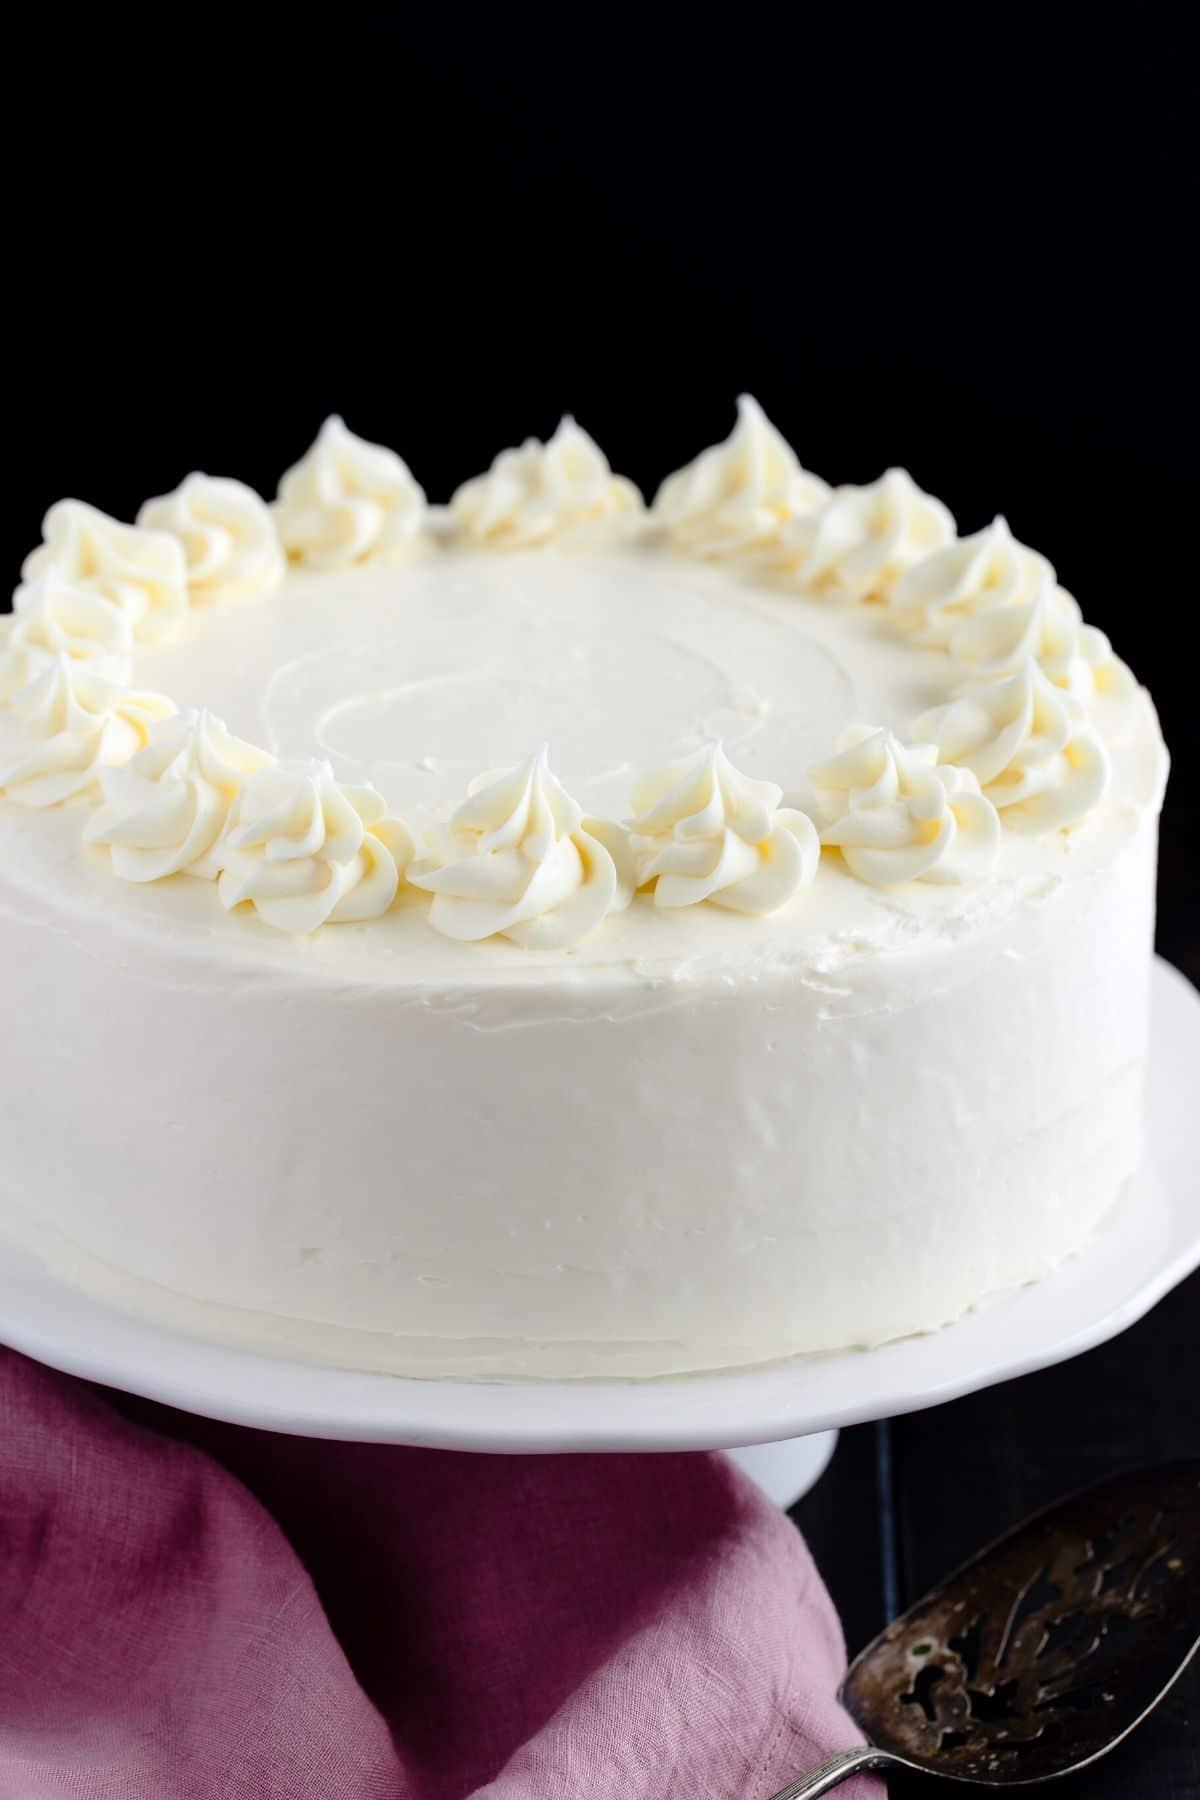 Los pasteles de vainilla caseros se colocan en un soporte de pastel blanco.